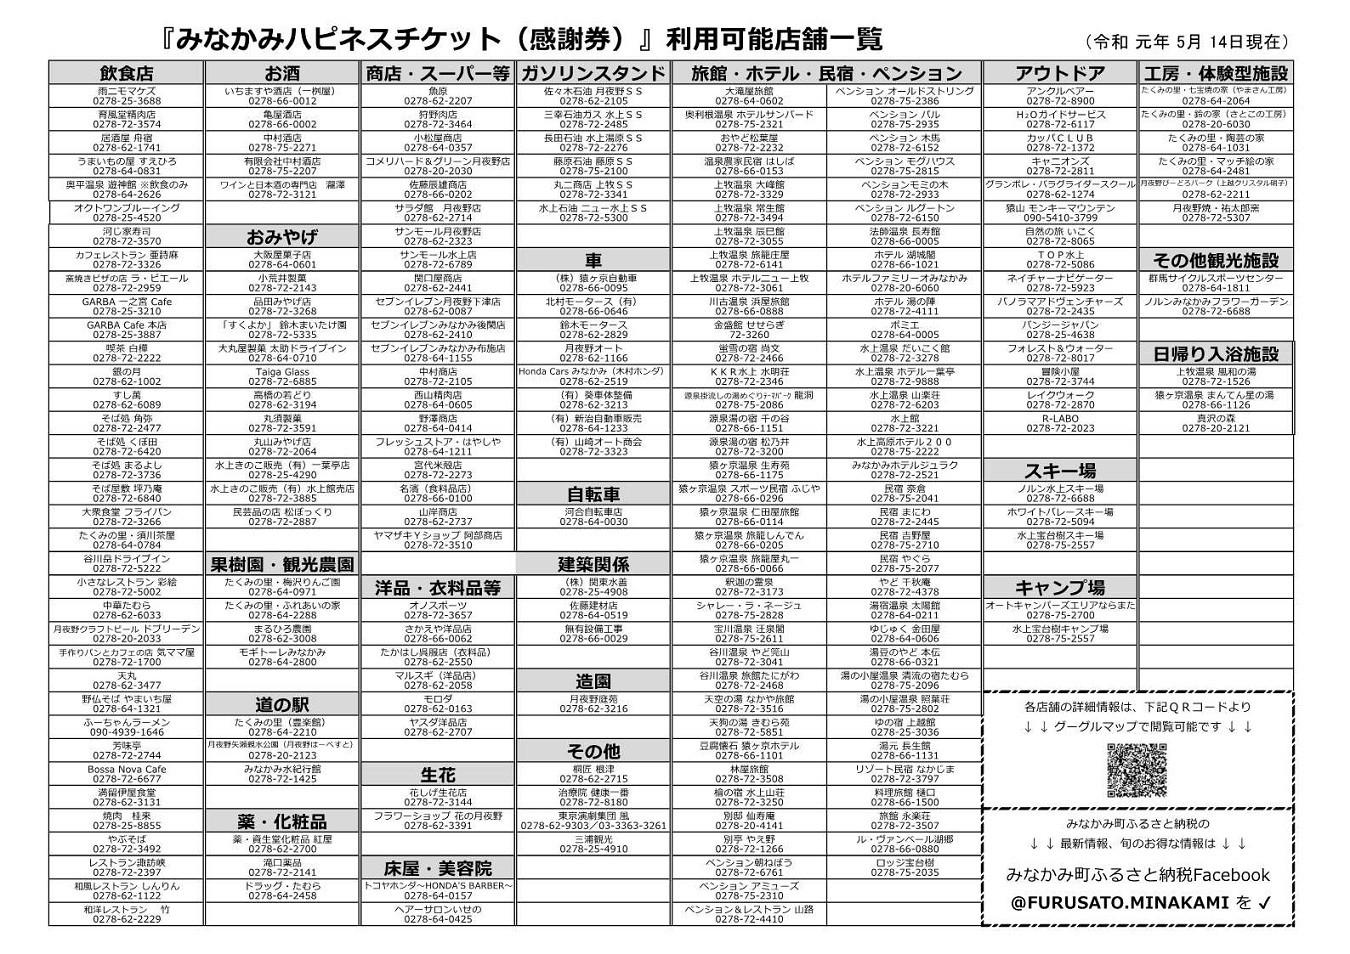 『みなかみハピネスチケット』利用可能店舗一覧